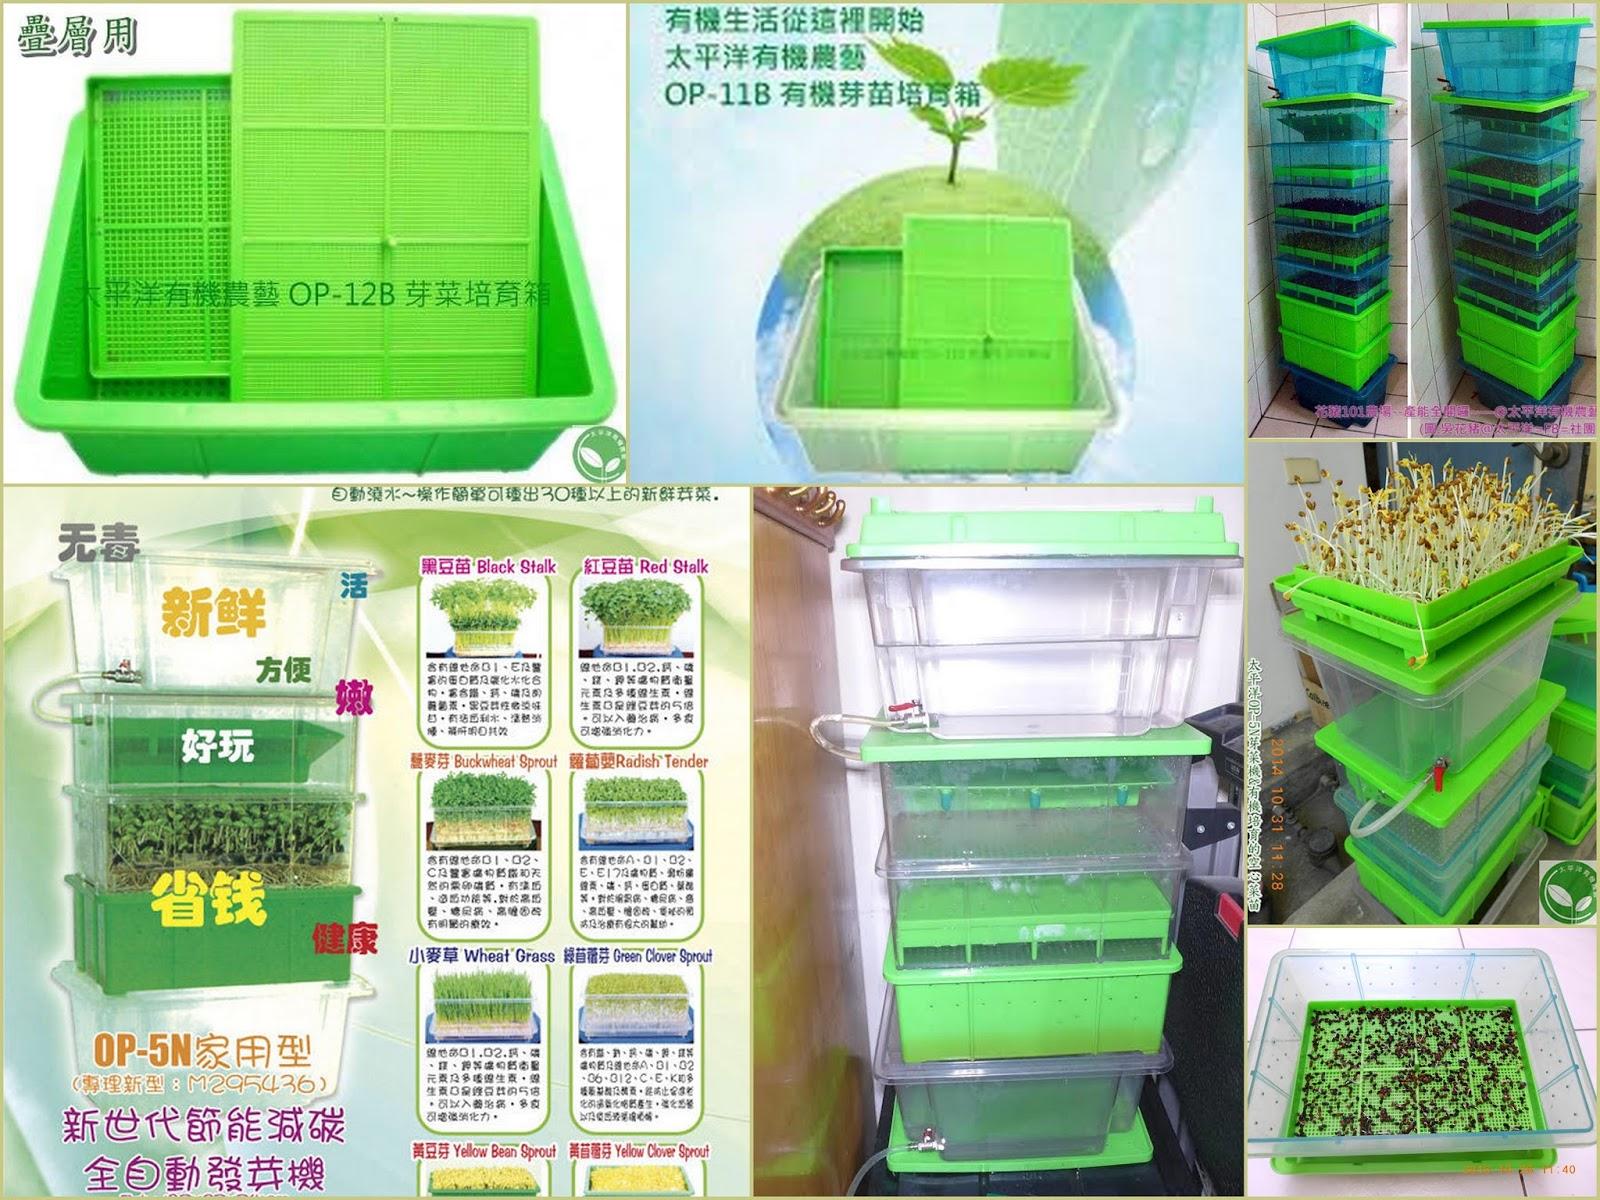 育苗盤,全自動豆芽機,家庭水耕栽培盒,葵花,苜蓿,葫蘆巴,米豆,豌豆,紅豆,空心菜,自動孵豆芽機